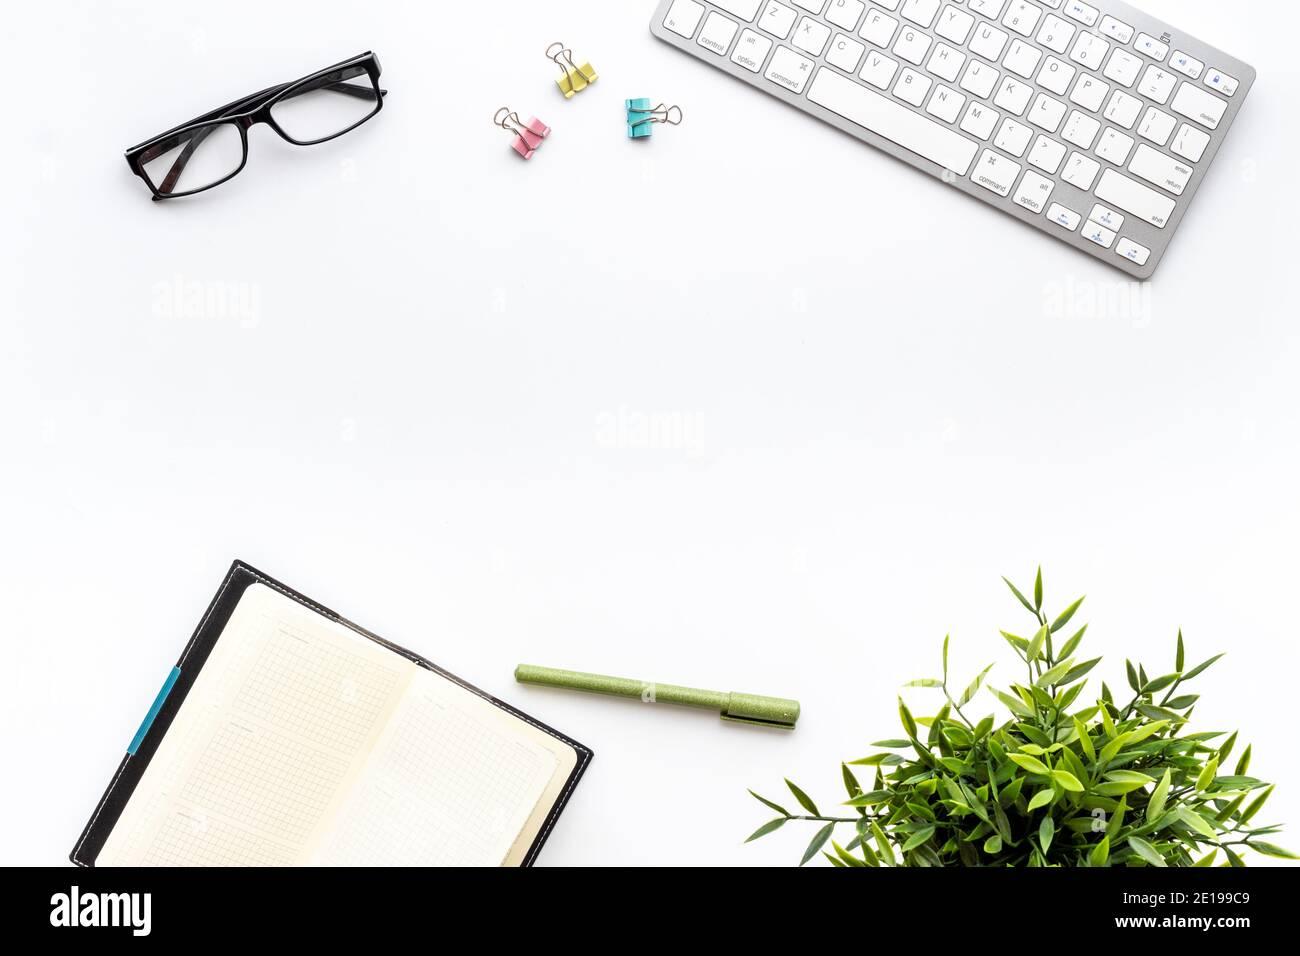 Un lieu de travail minimaliste au bureau ou à la maison. Bureau plat avec clavier Banque D'Images